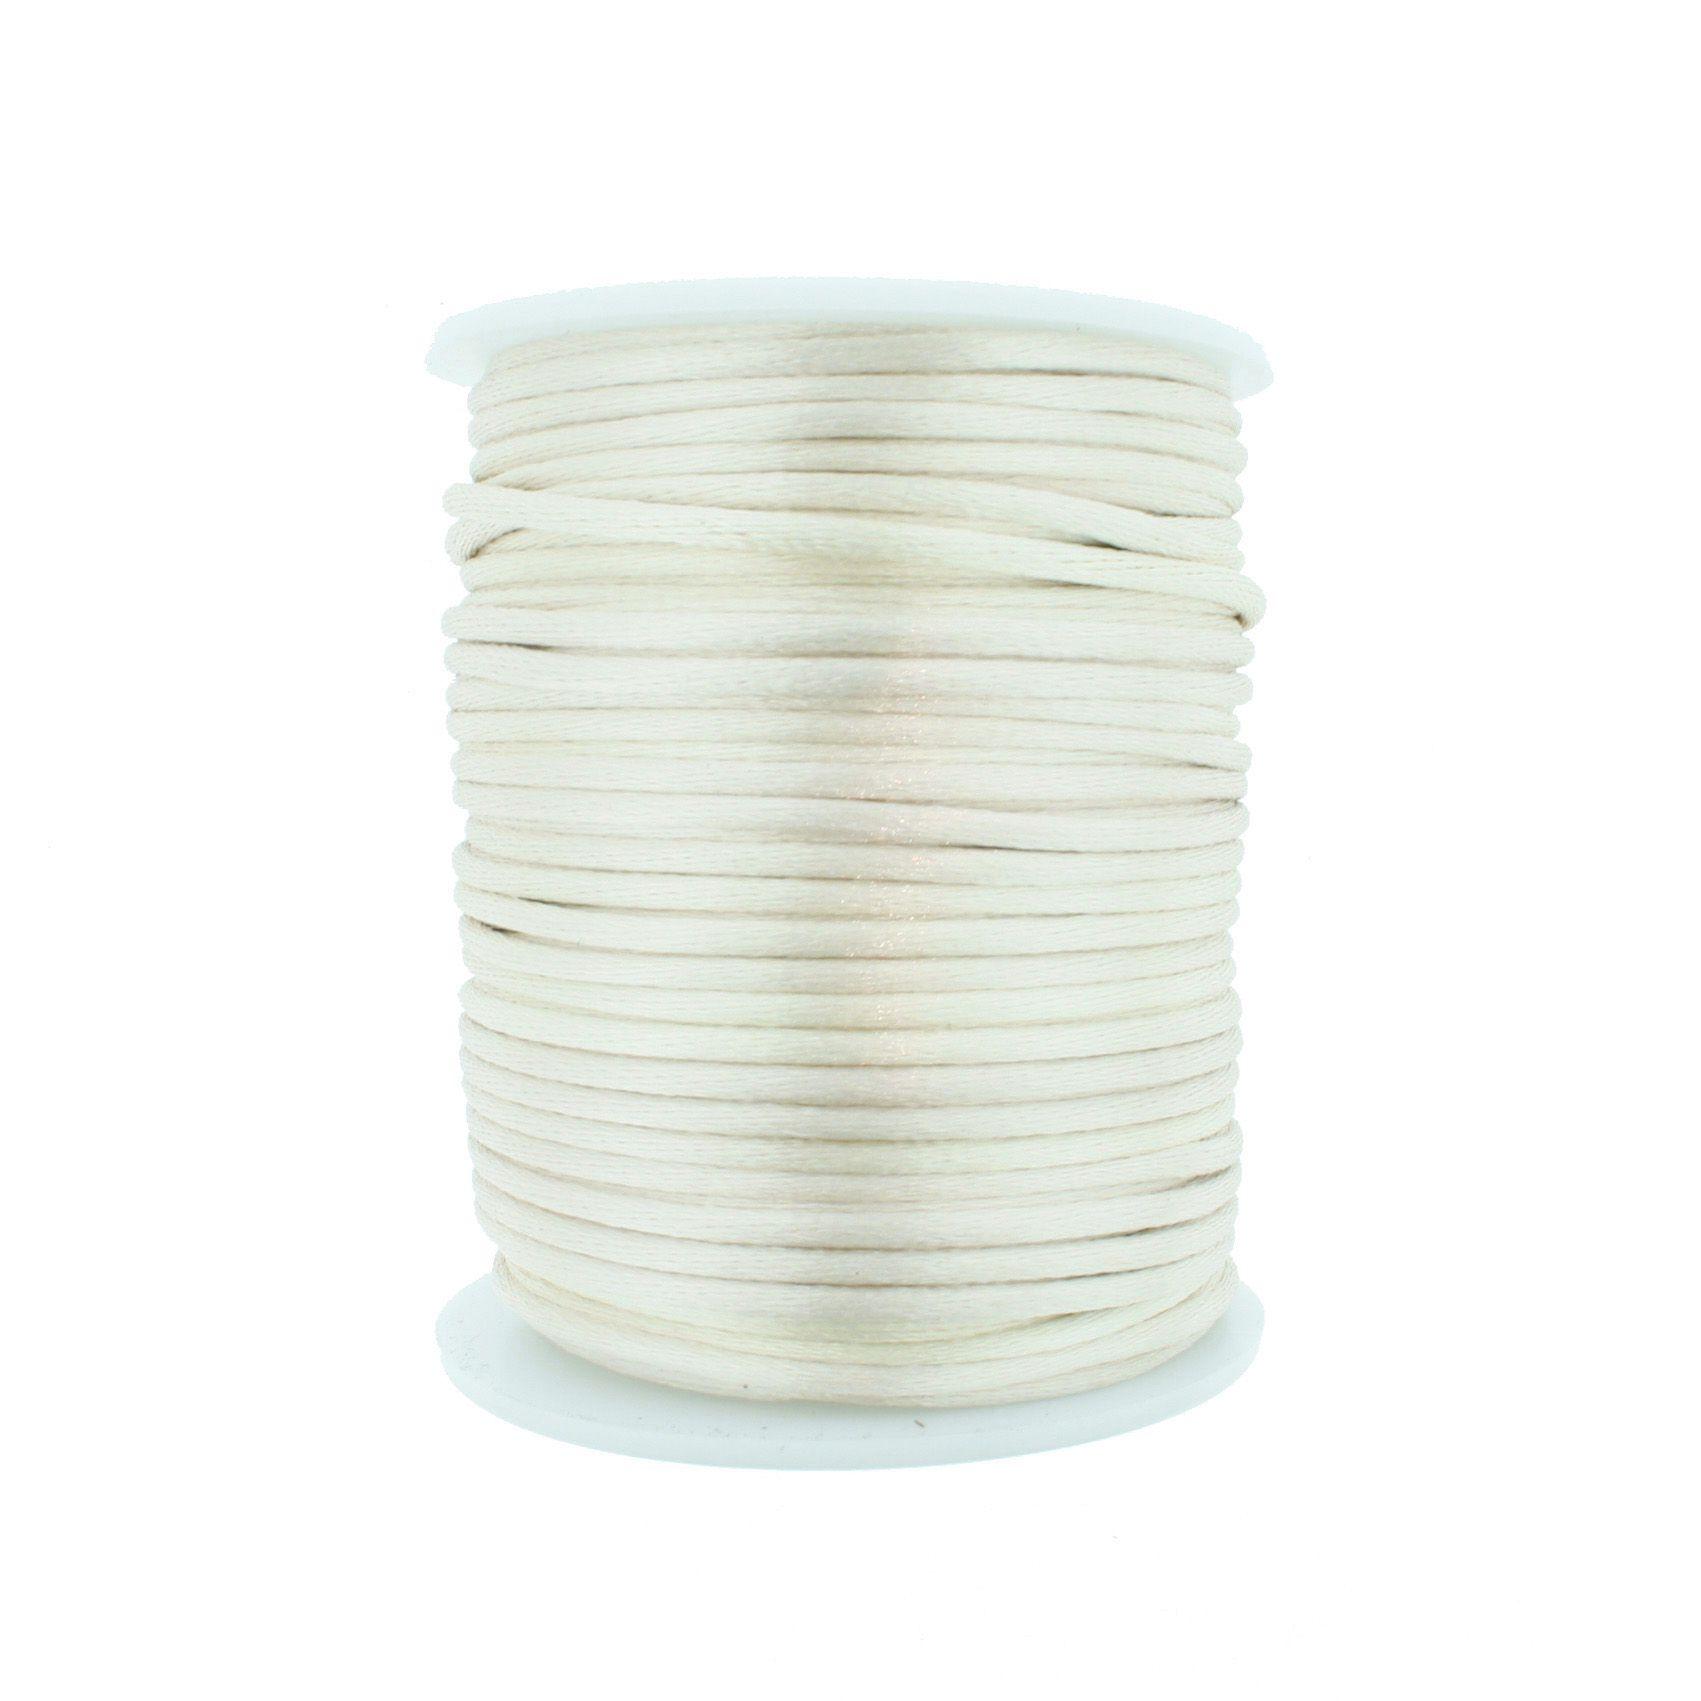 Cordão de Seda - Bege Claro - 2mm  - Stéphanie Bijoux® - Peças para Bijuterias e Artesanato